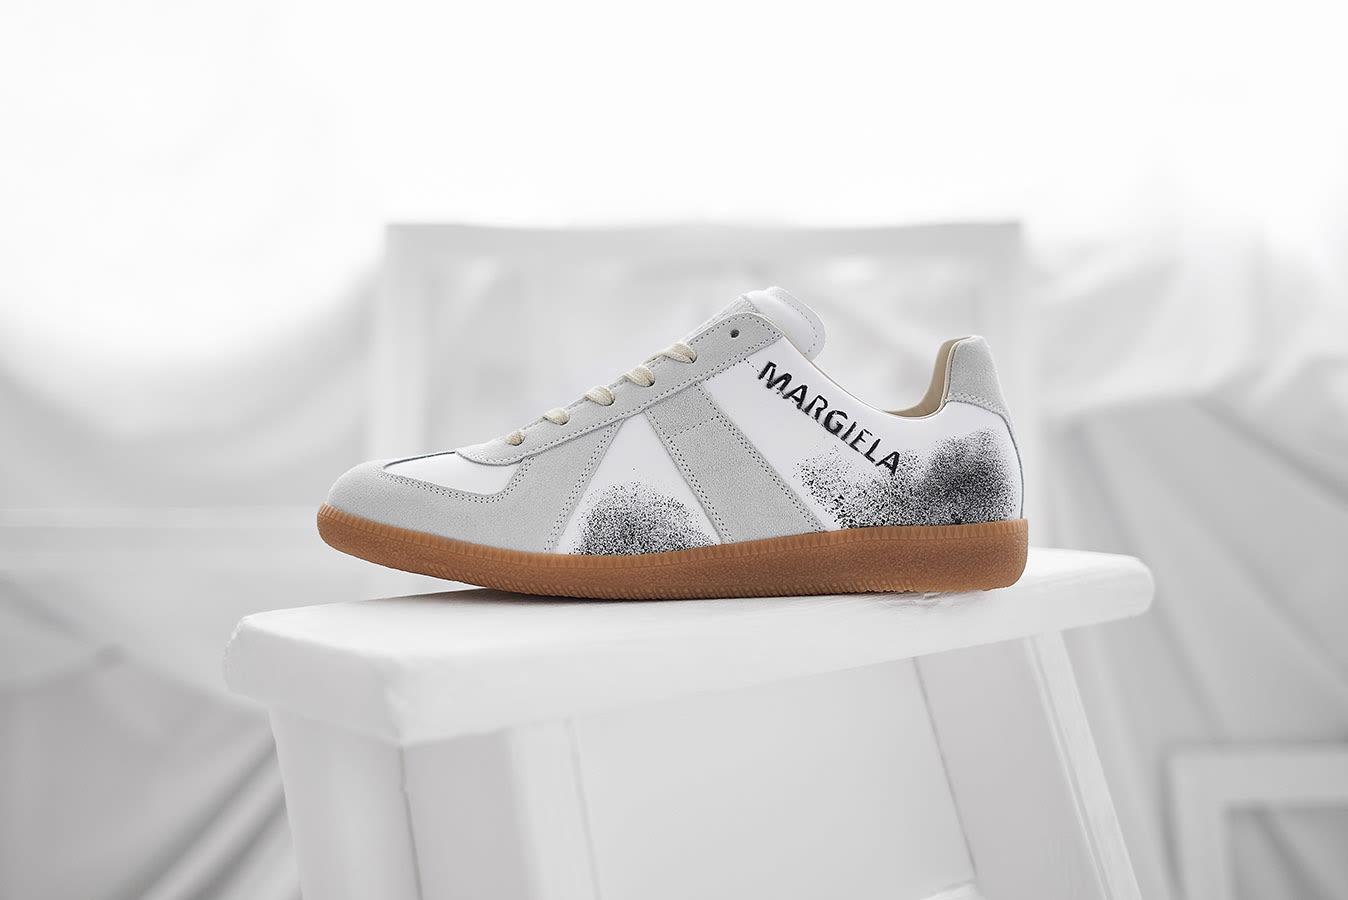 Maison Margiela Replica 22 Graffiti Sneaker END. Exclusive - S57WS0236-P2803-H4108